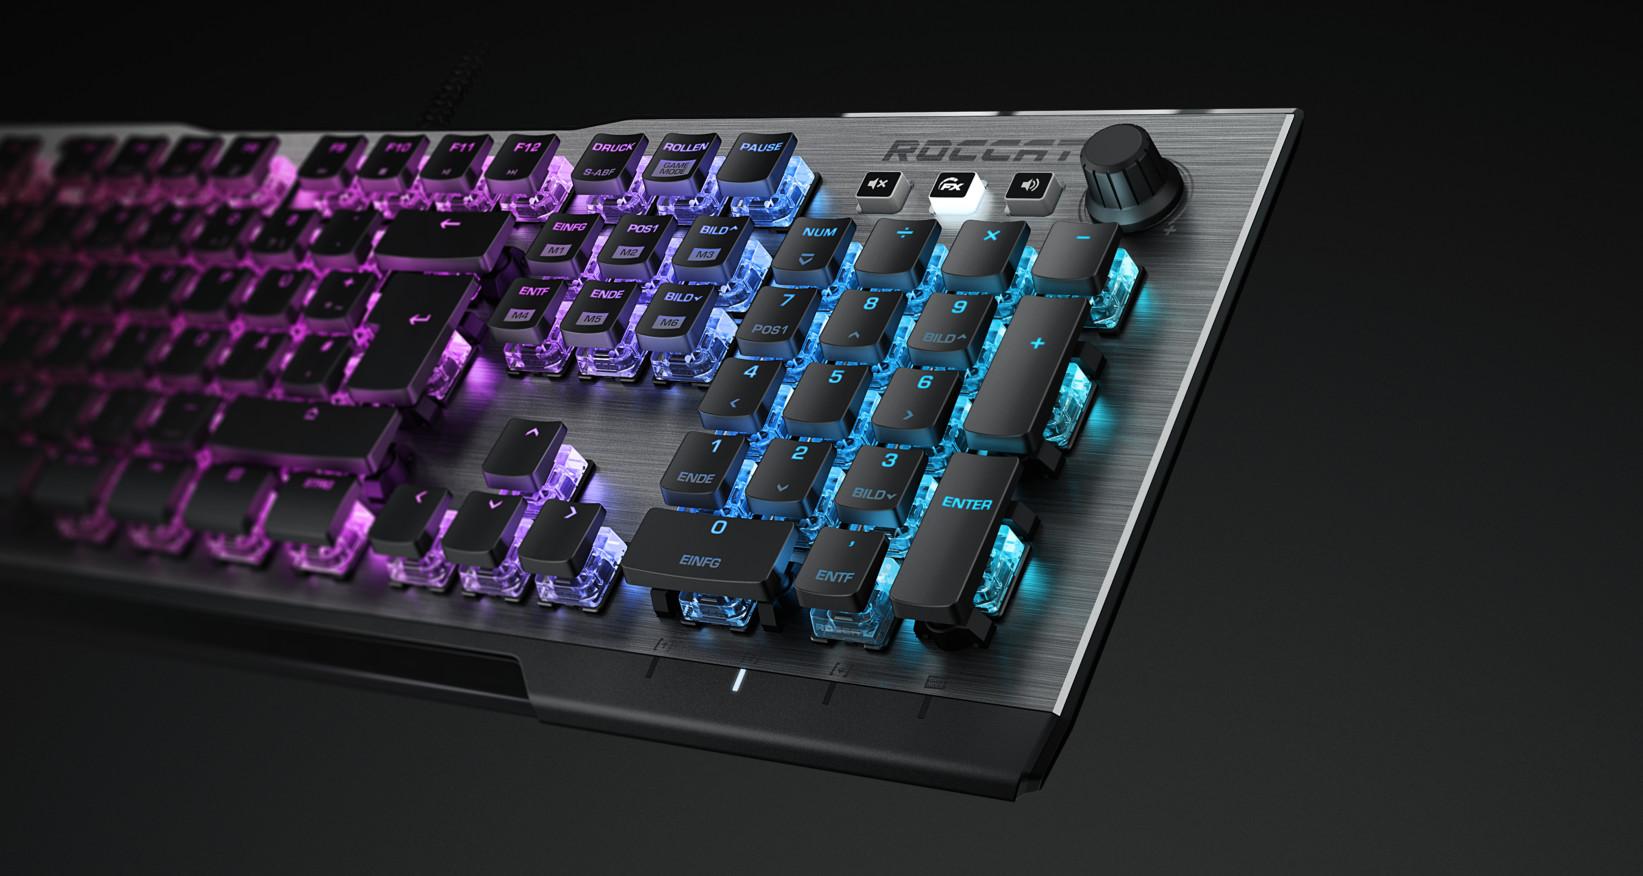 Chrome will soon support your fancy keyboard's media keys - Techodom